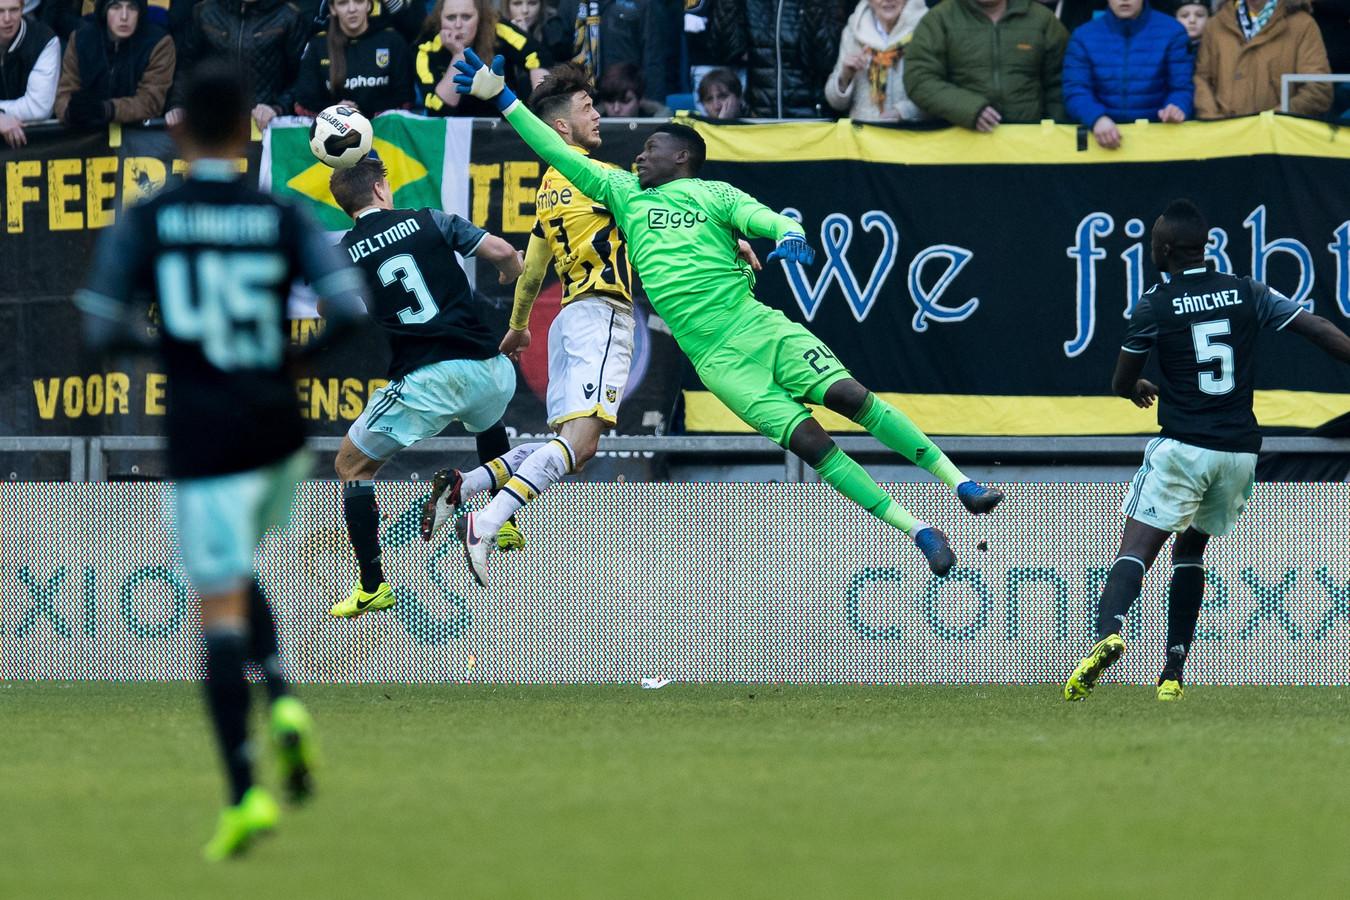 André Onana in actie voor Ajax tegen Vitesse.